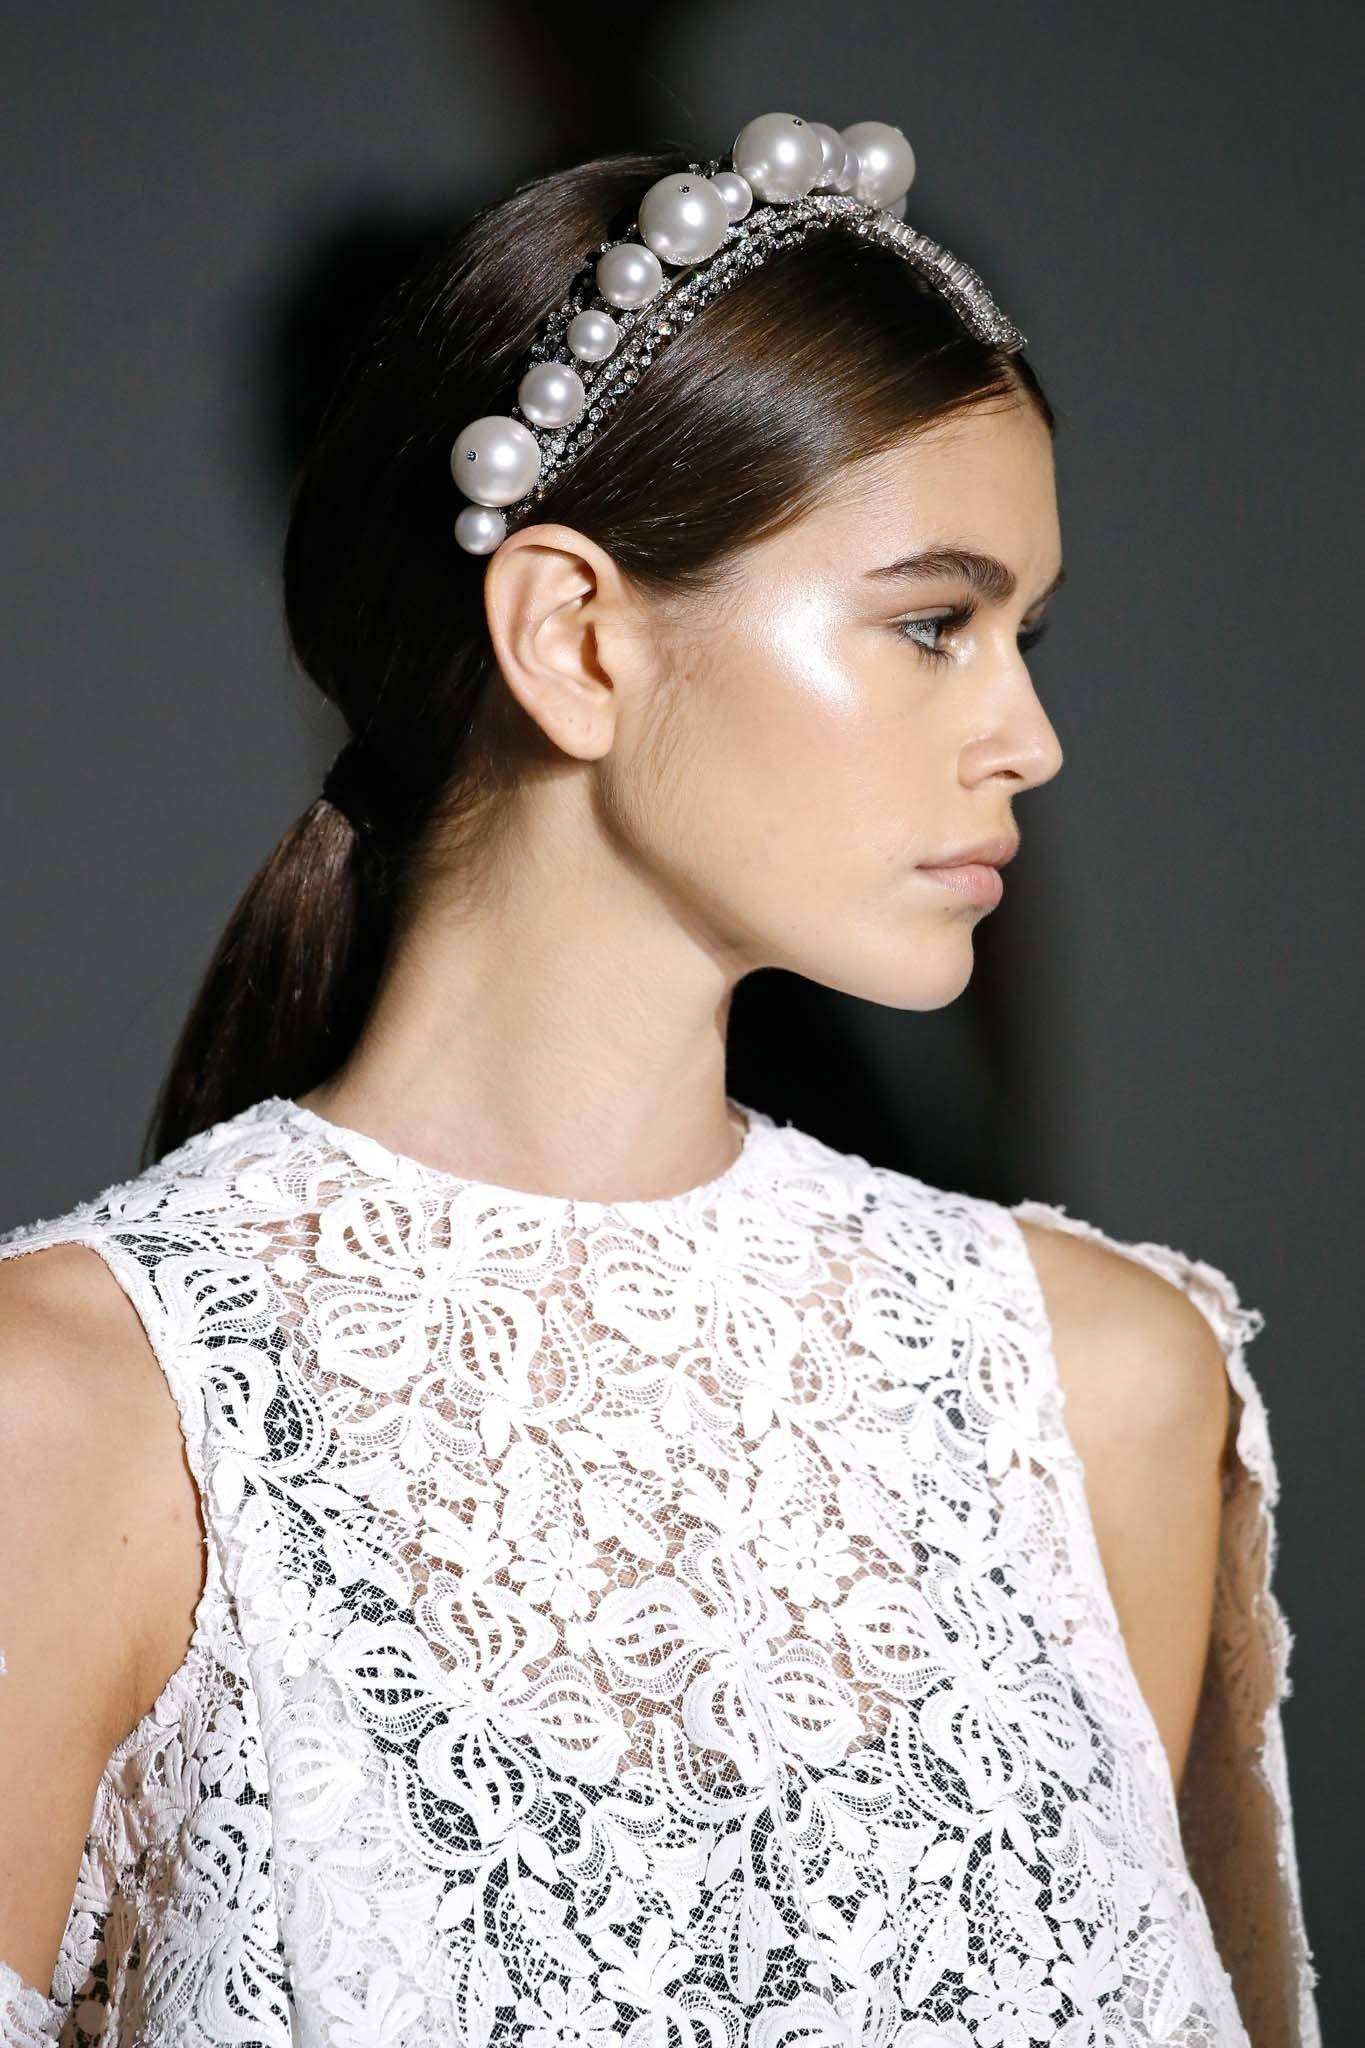 Coiffure d'une invitée de mariage : Prise de vue d'un mannequin aux longs cheveux châtain foncé coiffés en queue de cheval lisse, portant un serre-tête en perles sur le podium.